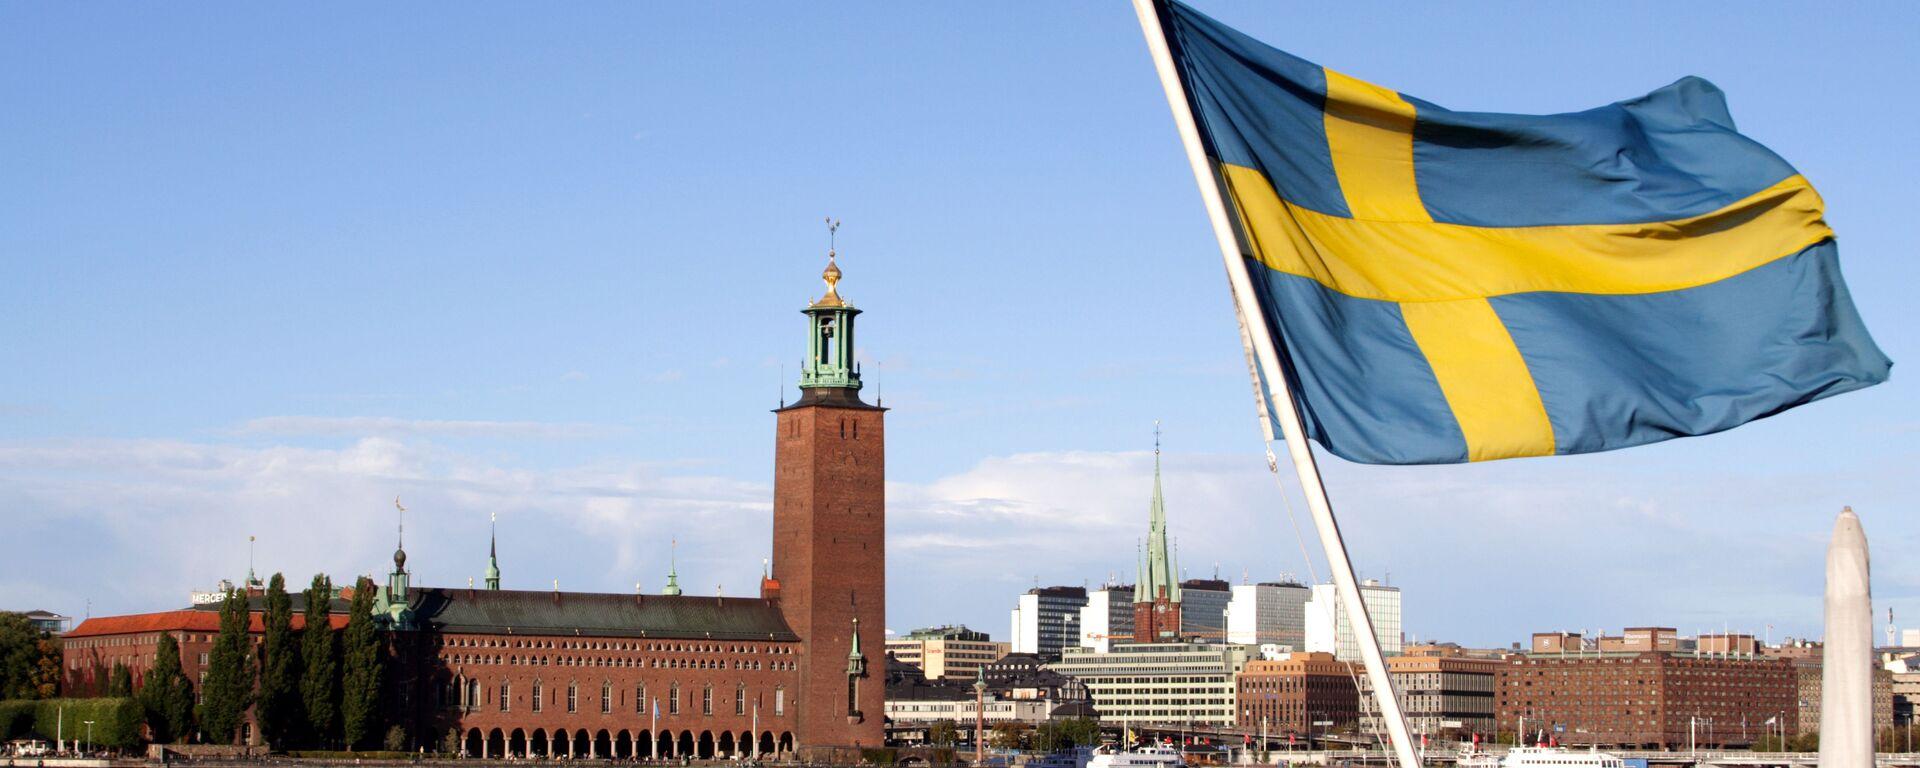 Bandiera svedese - Sputnik Italia, 1920, 04.02.2021